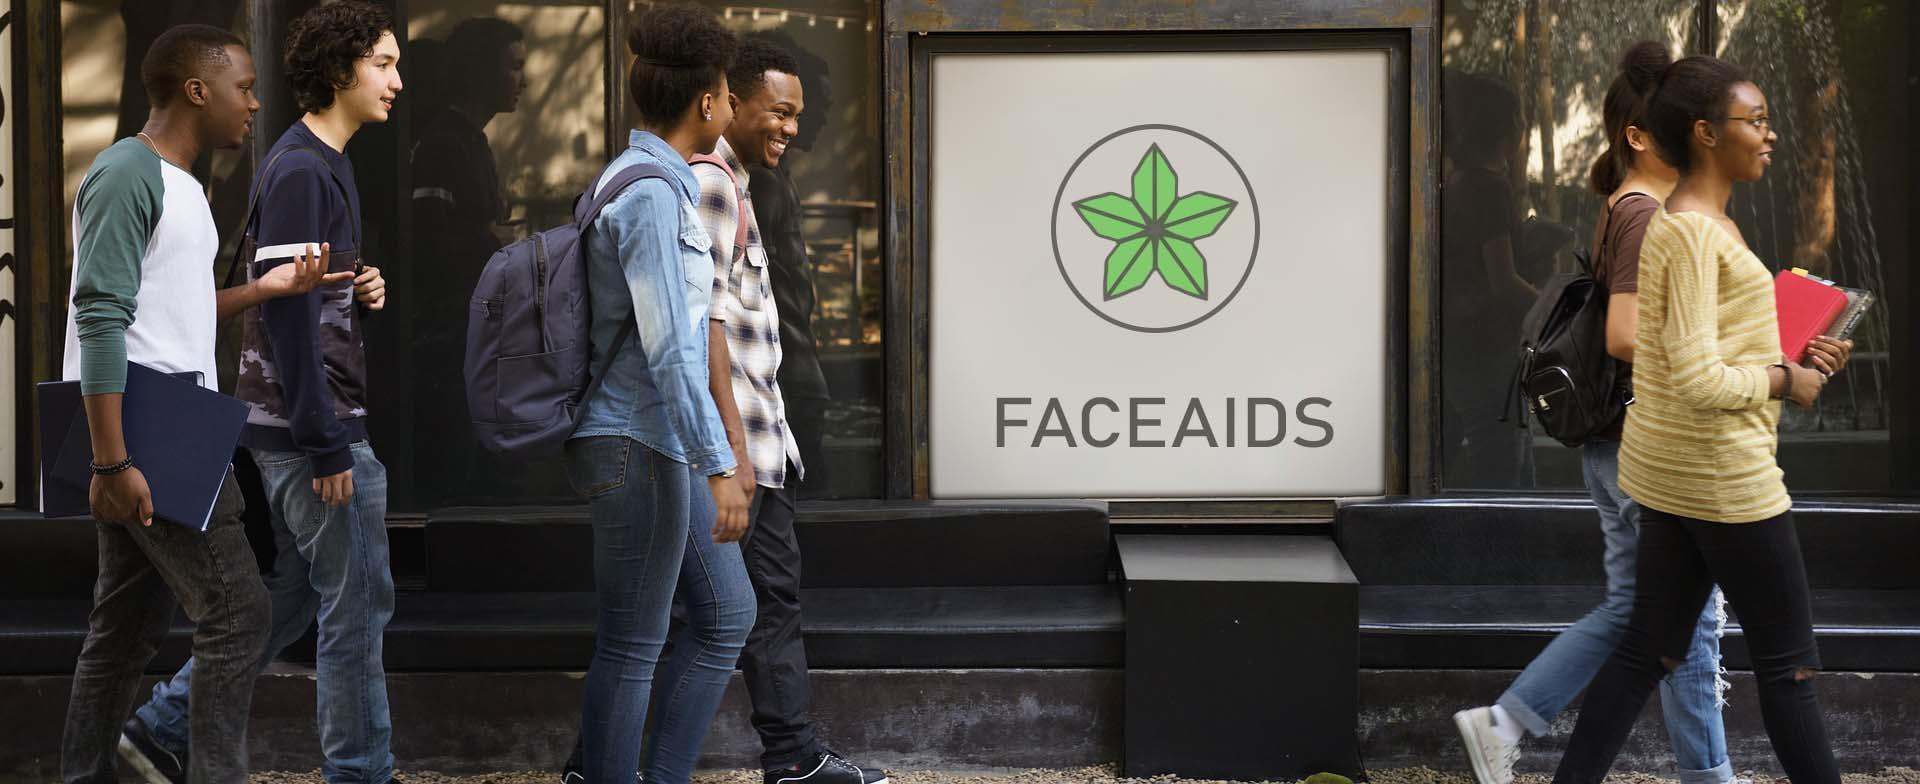 FaceAids